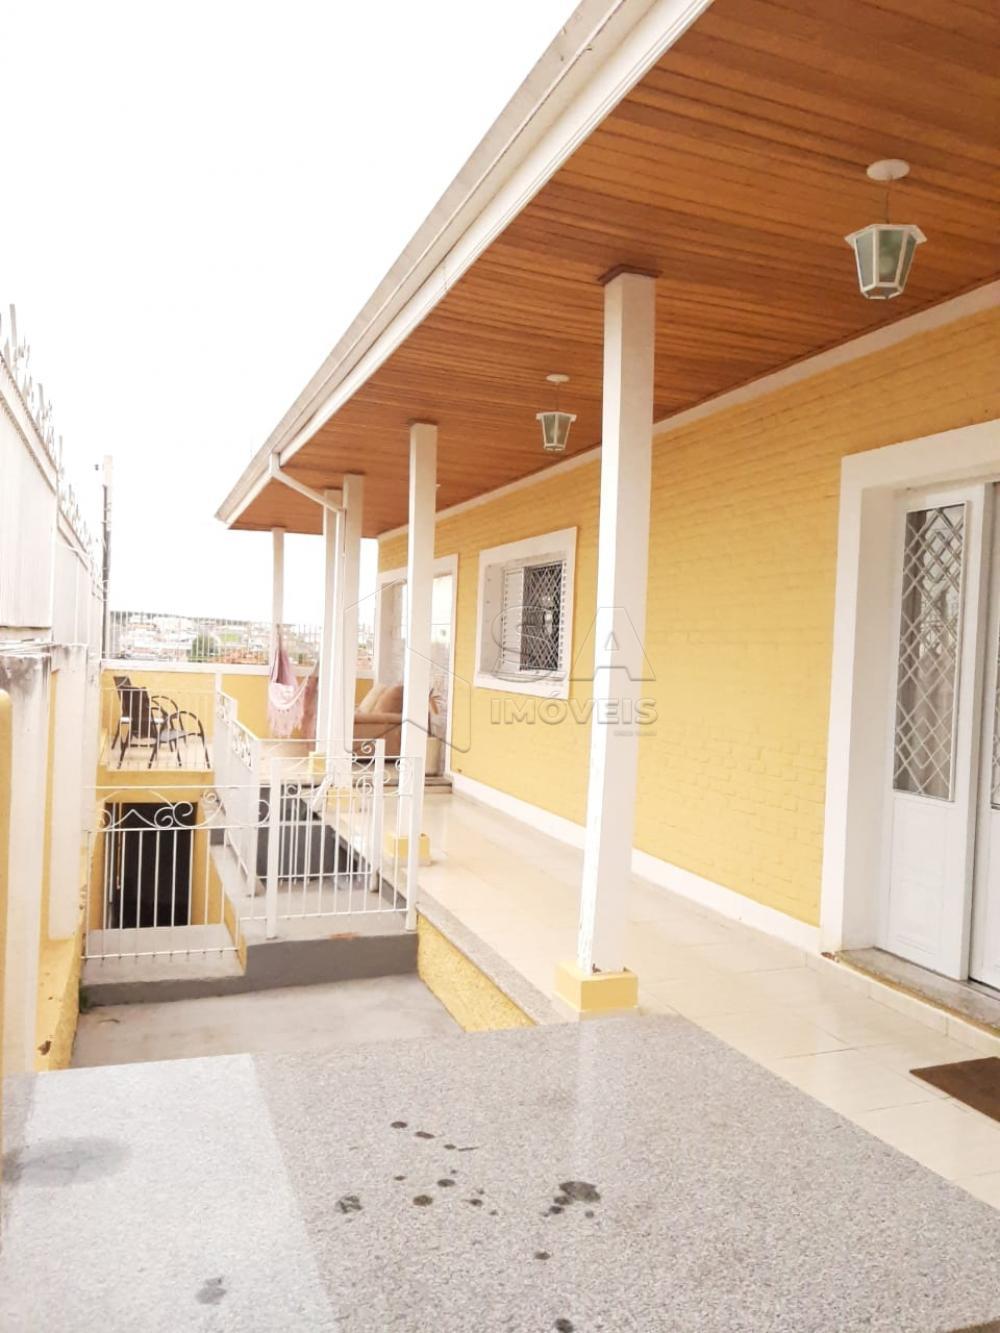 Comprar Casa / Padrão em Botucatu apenas R$ 370.000,00 - Foto 2